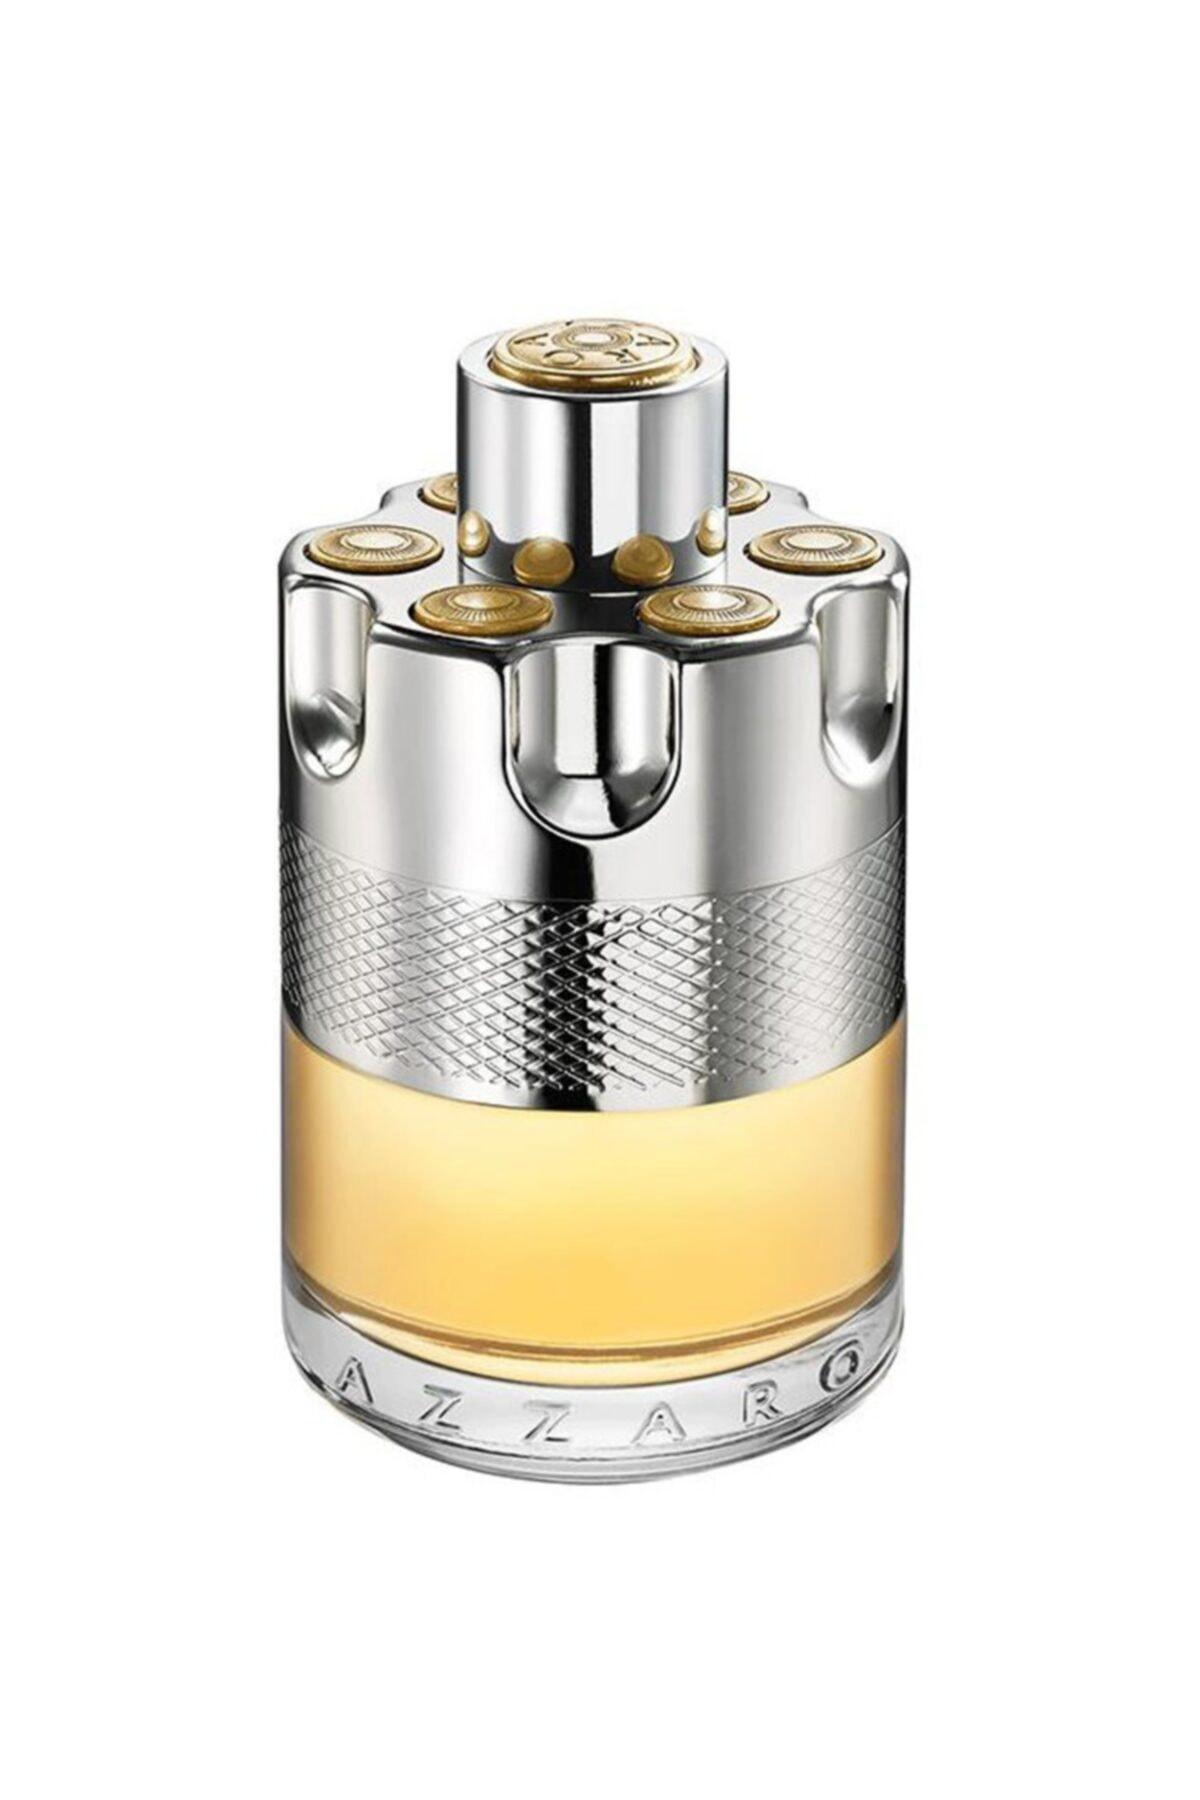 Azzaro Wanted Erkek Edt 100 ml Erkek Parfüm 3351500002702 2